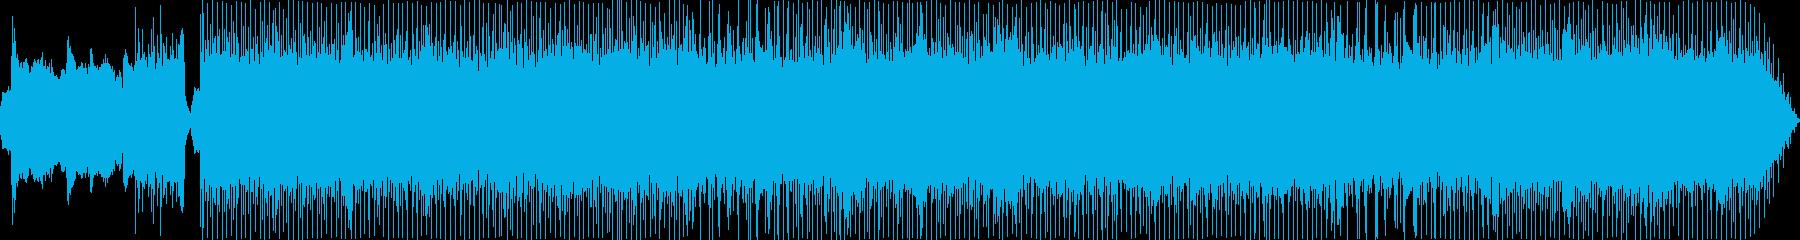 壮大で重厚なメタル系ボス戦用BGMの再生済みの波形